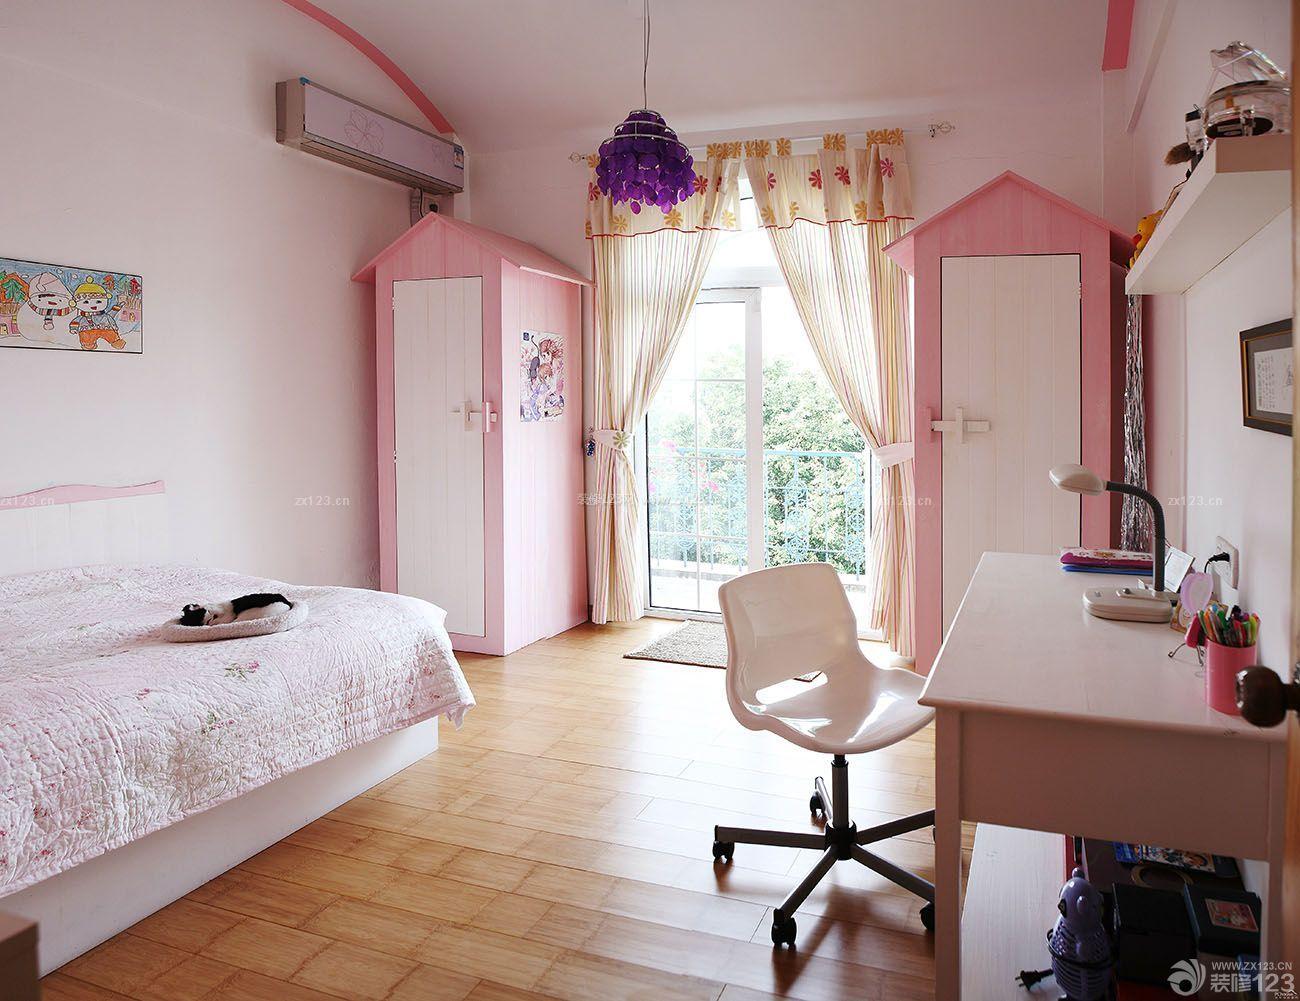 40平米房子温馨儿童卧室装修设计图片大全